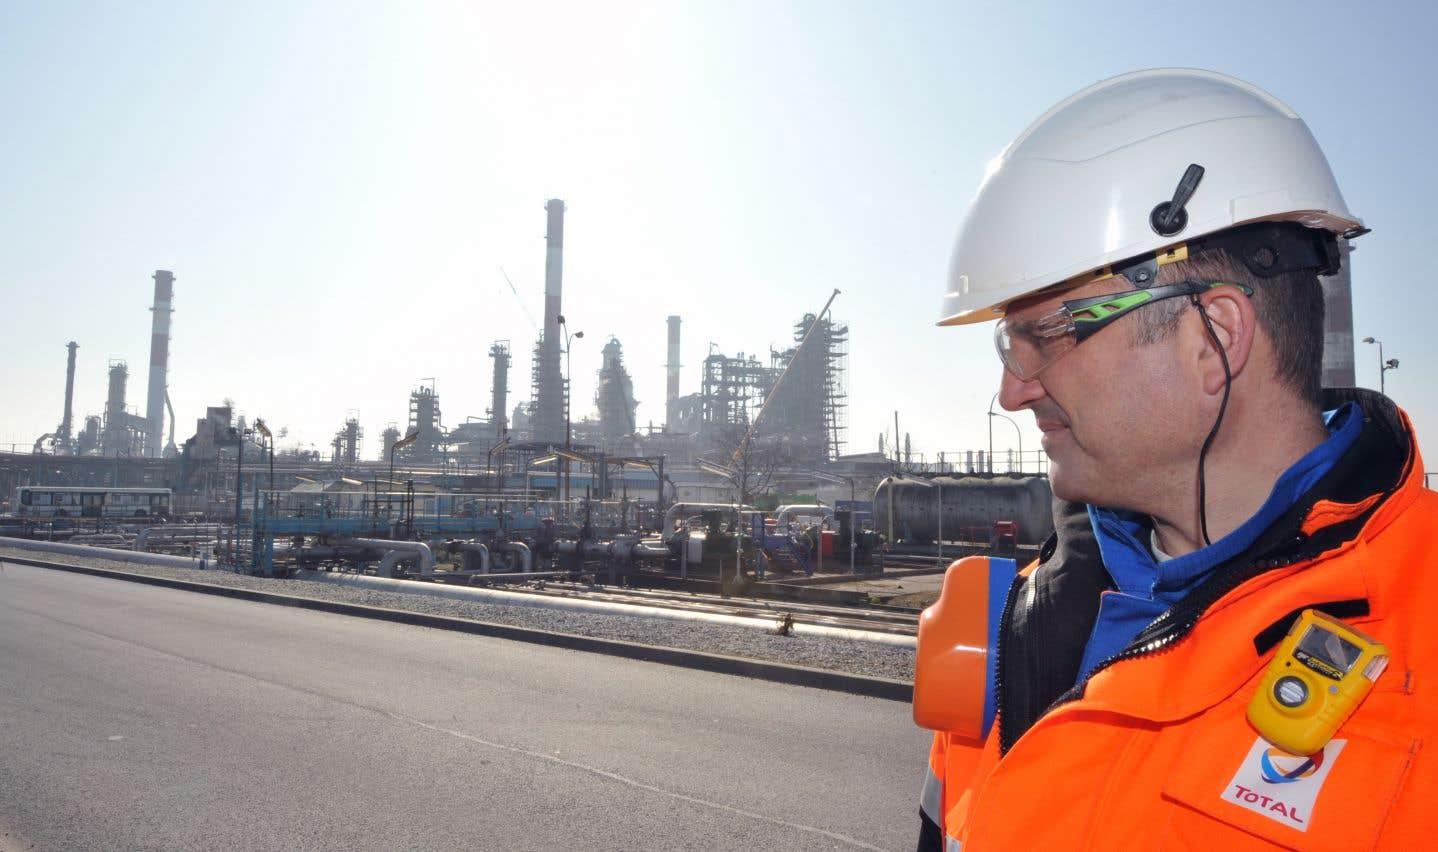 Un employé de Total à Donges, en France. Selon l'auteur, comme bien d'autres multinationales, Total met en œuvre un programme musclé de lobbyisme, consistant à influencer toute la société.